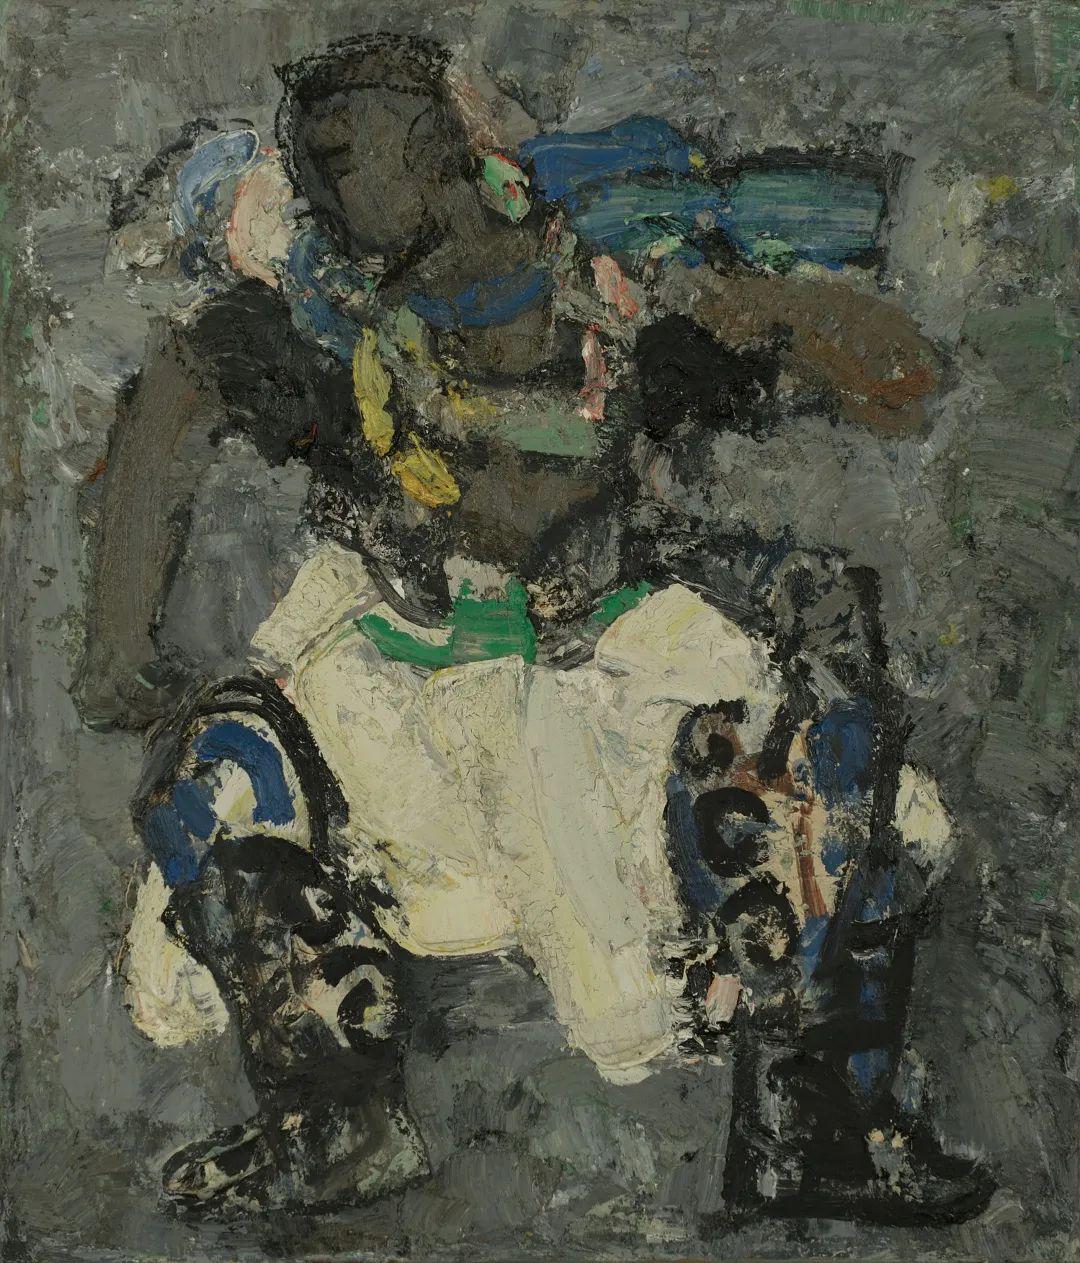 身边的名家|砂金的油画写生 第8张 身边的名家|砂金的油画写生 蒙古画廊